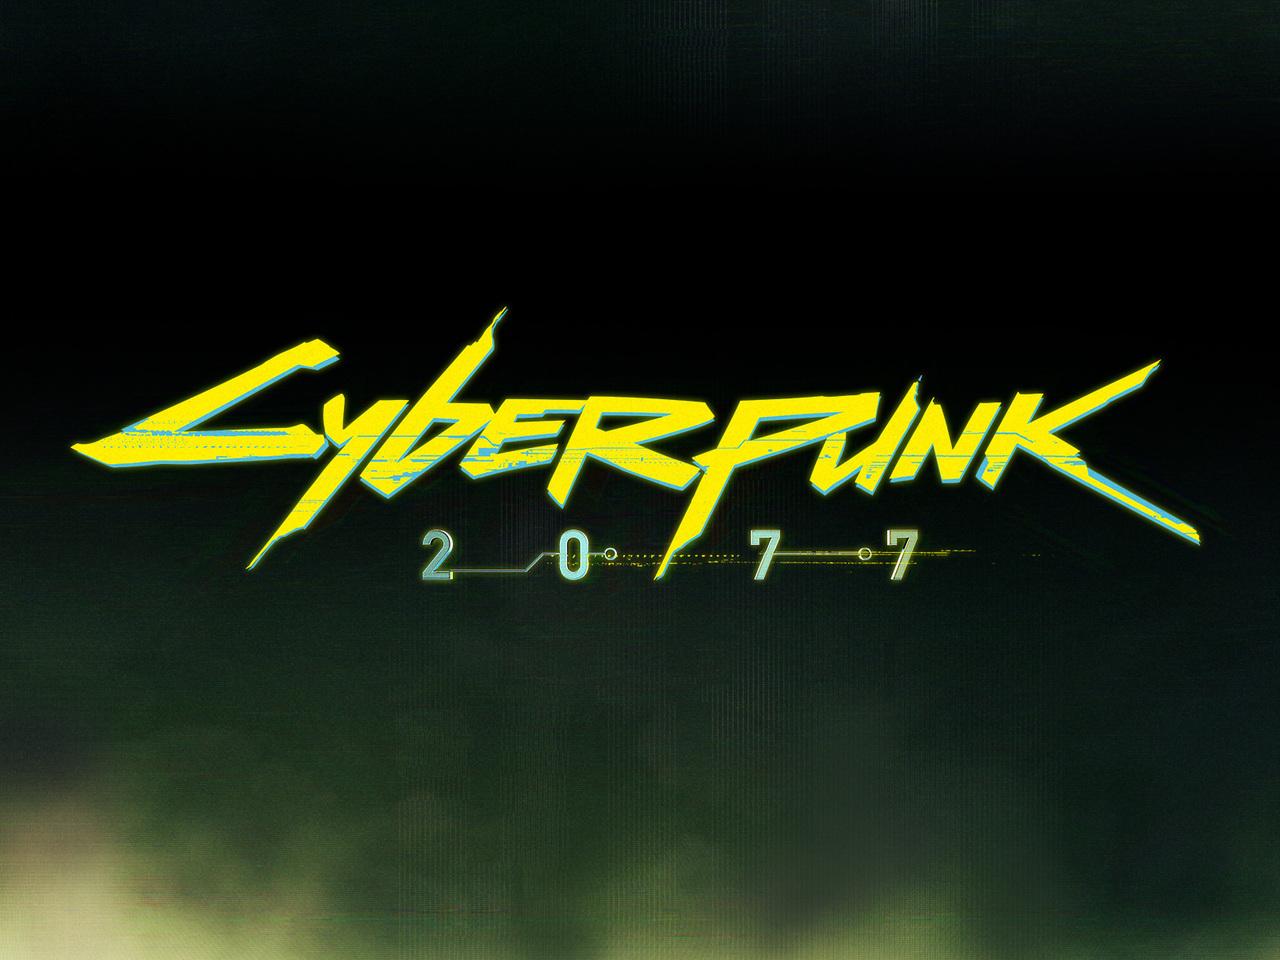 http://image.jeuxvideo.com/images/jaquettes/00045155/jaquette-cyberpunk-2077-pc-cover-avant-g-1350588745.jpg